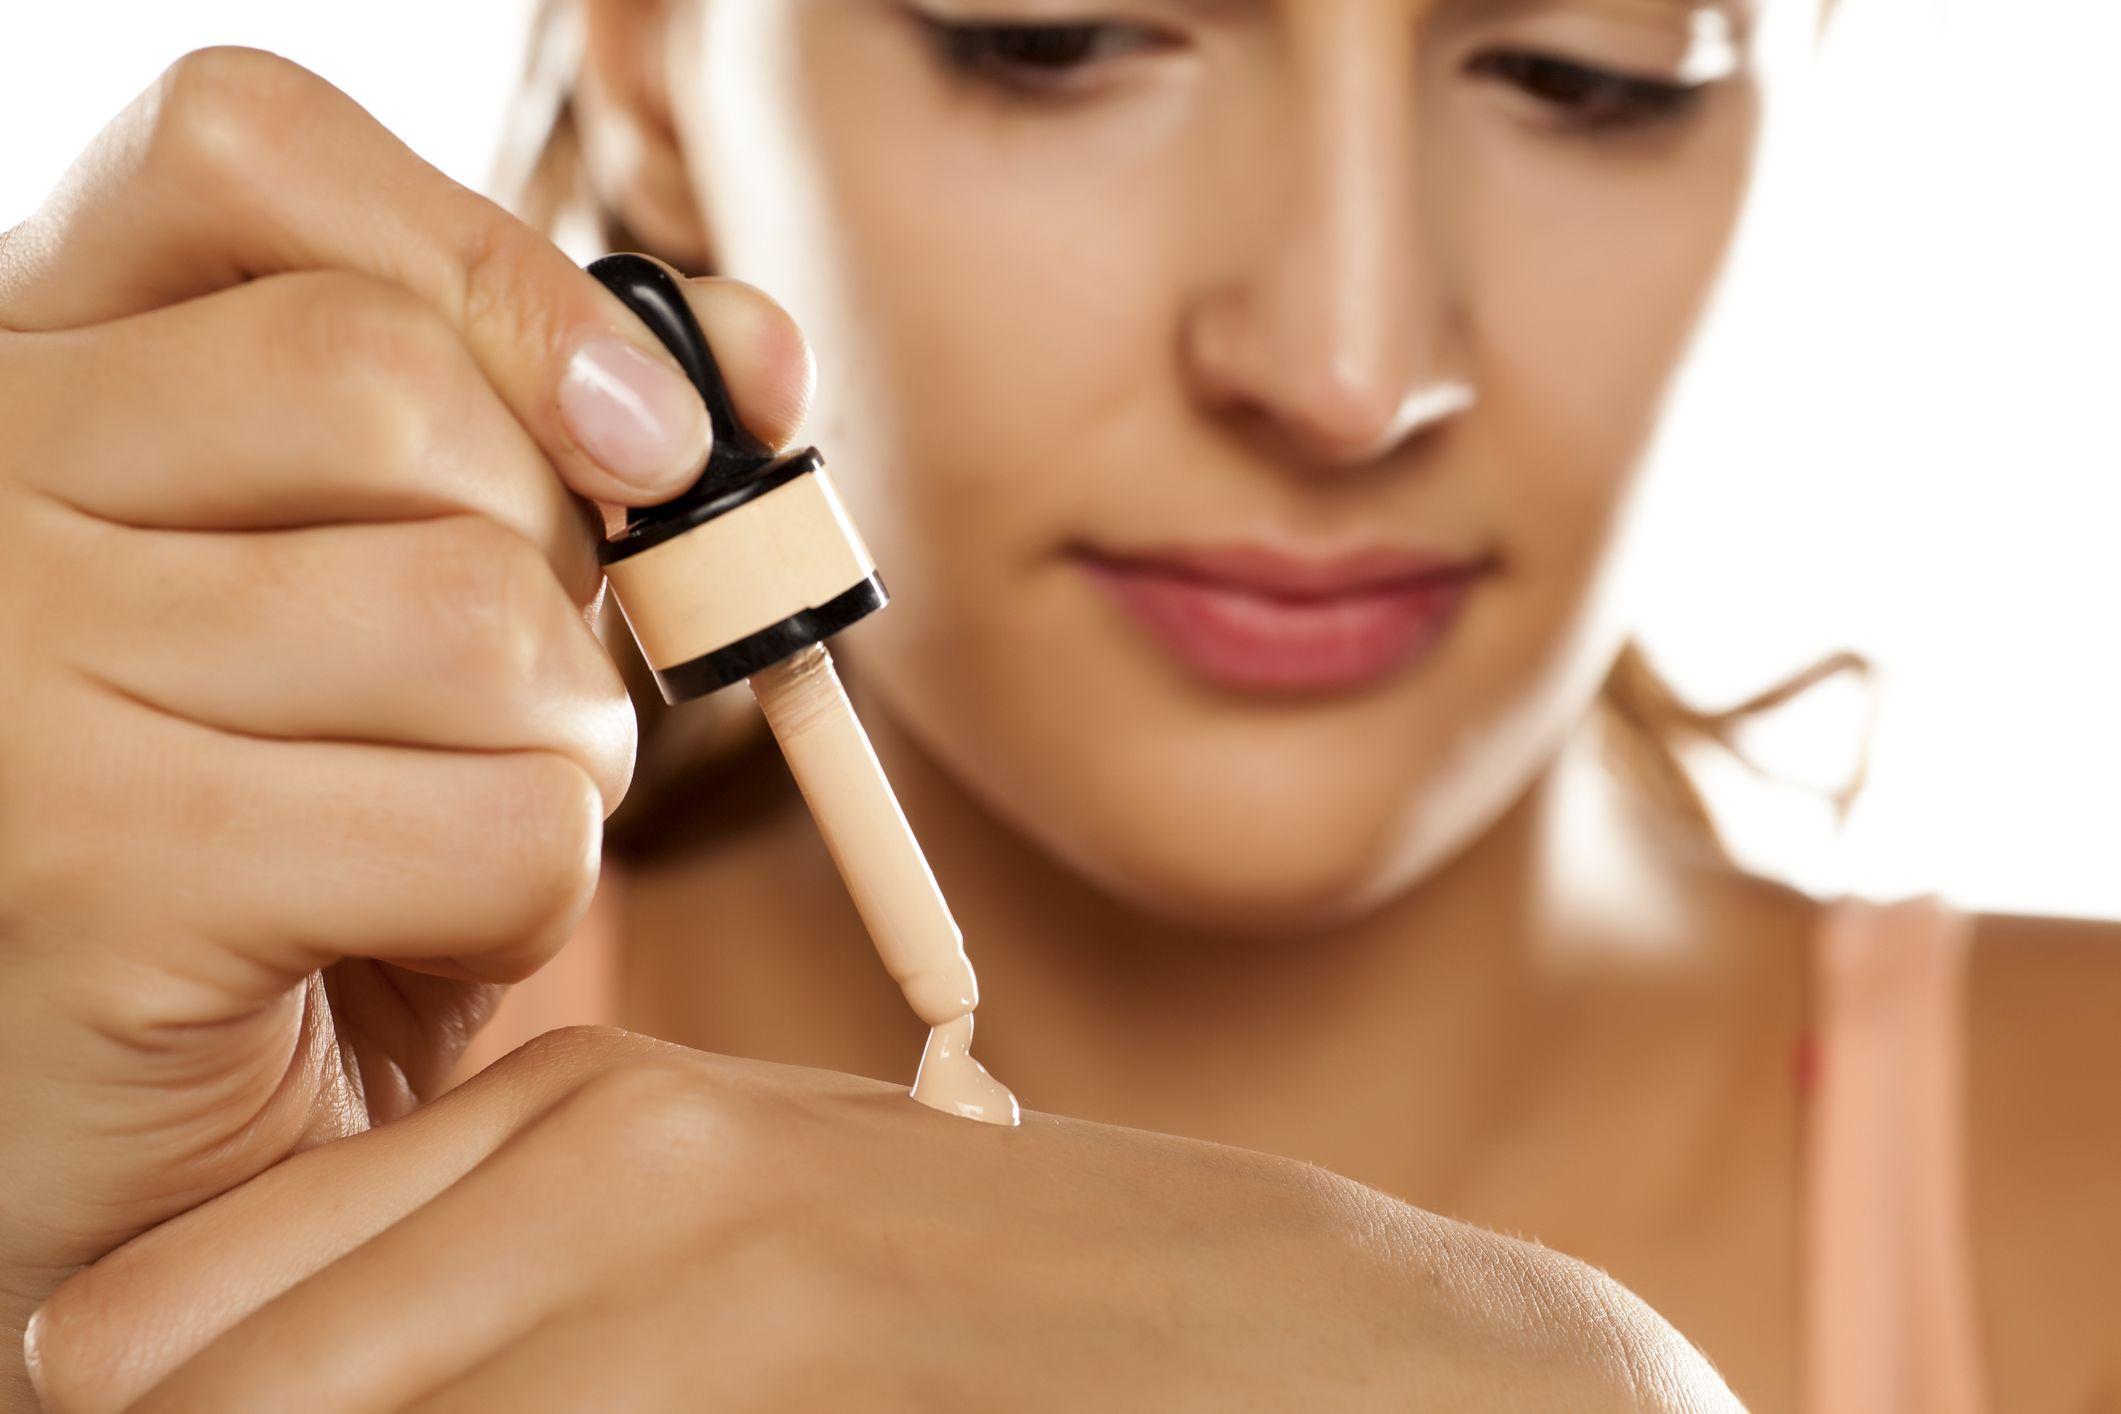 En verano, usa una base fluida de maquillaje con protección solar y textura ligera, incluso hay en el marcado cremas solares con color que son idóneas para esta época del año.